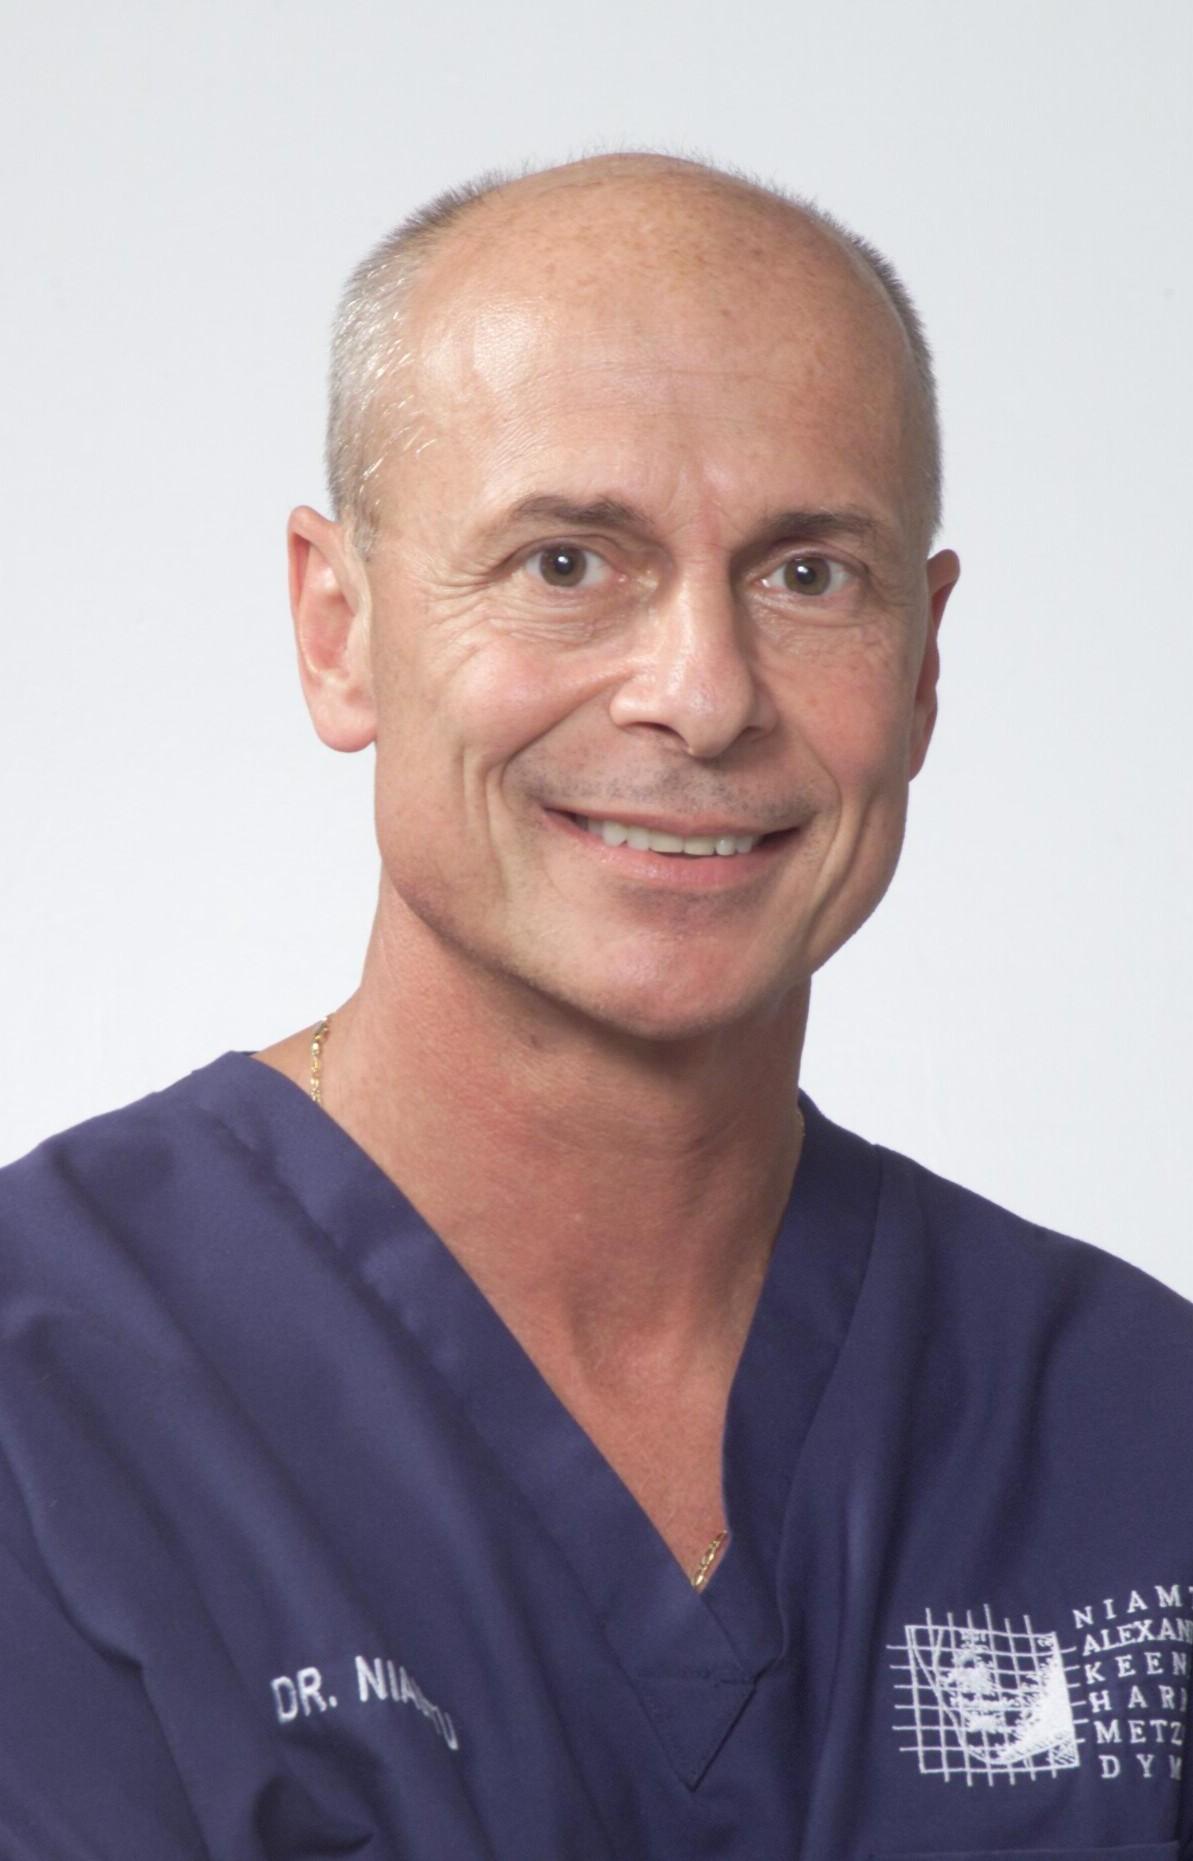 About Dr. Joe Niamtu « Dr. Niamtu's Weblog